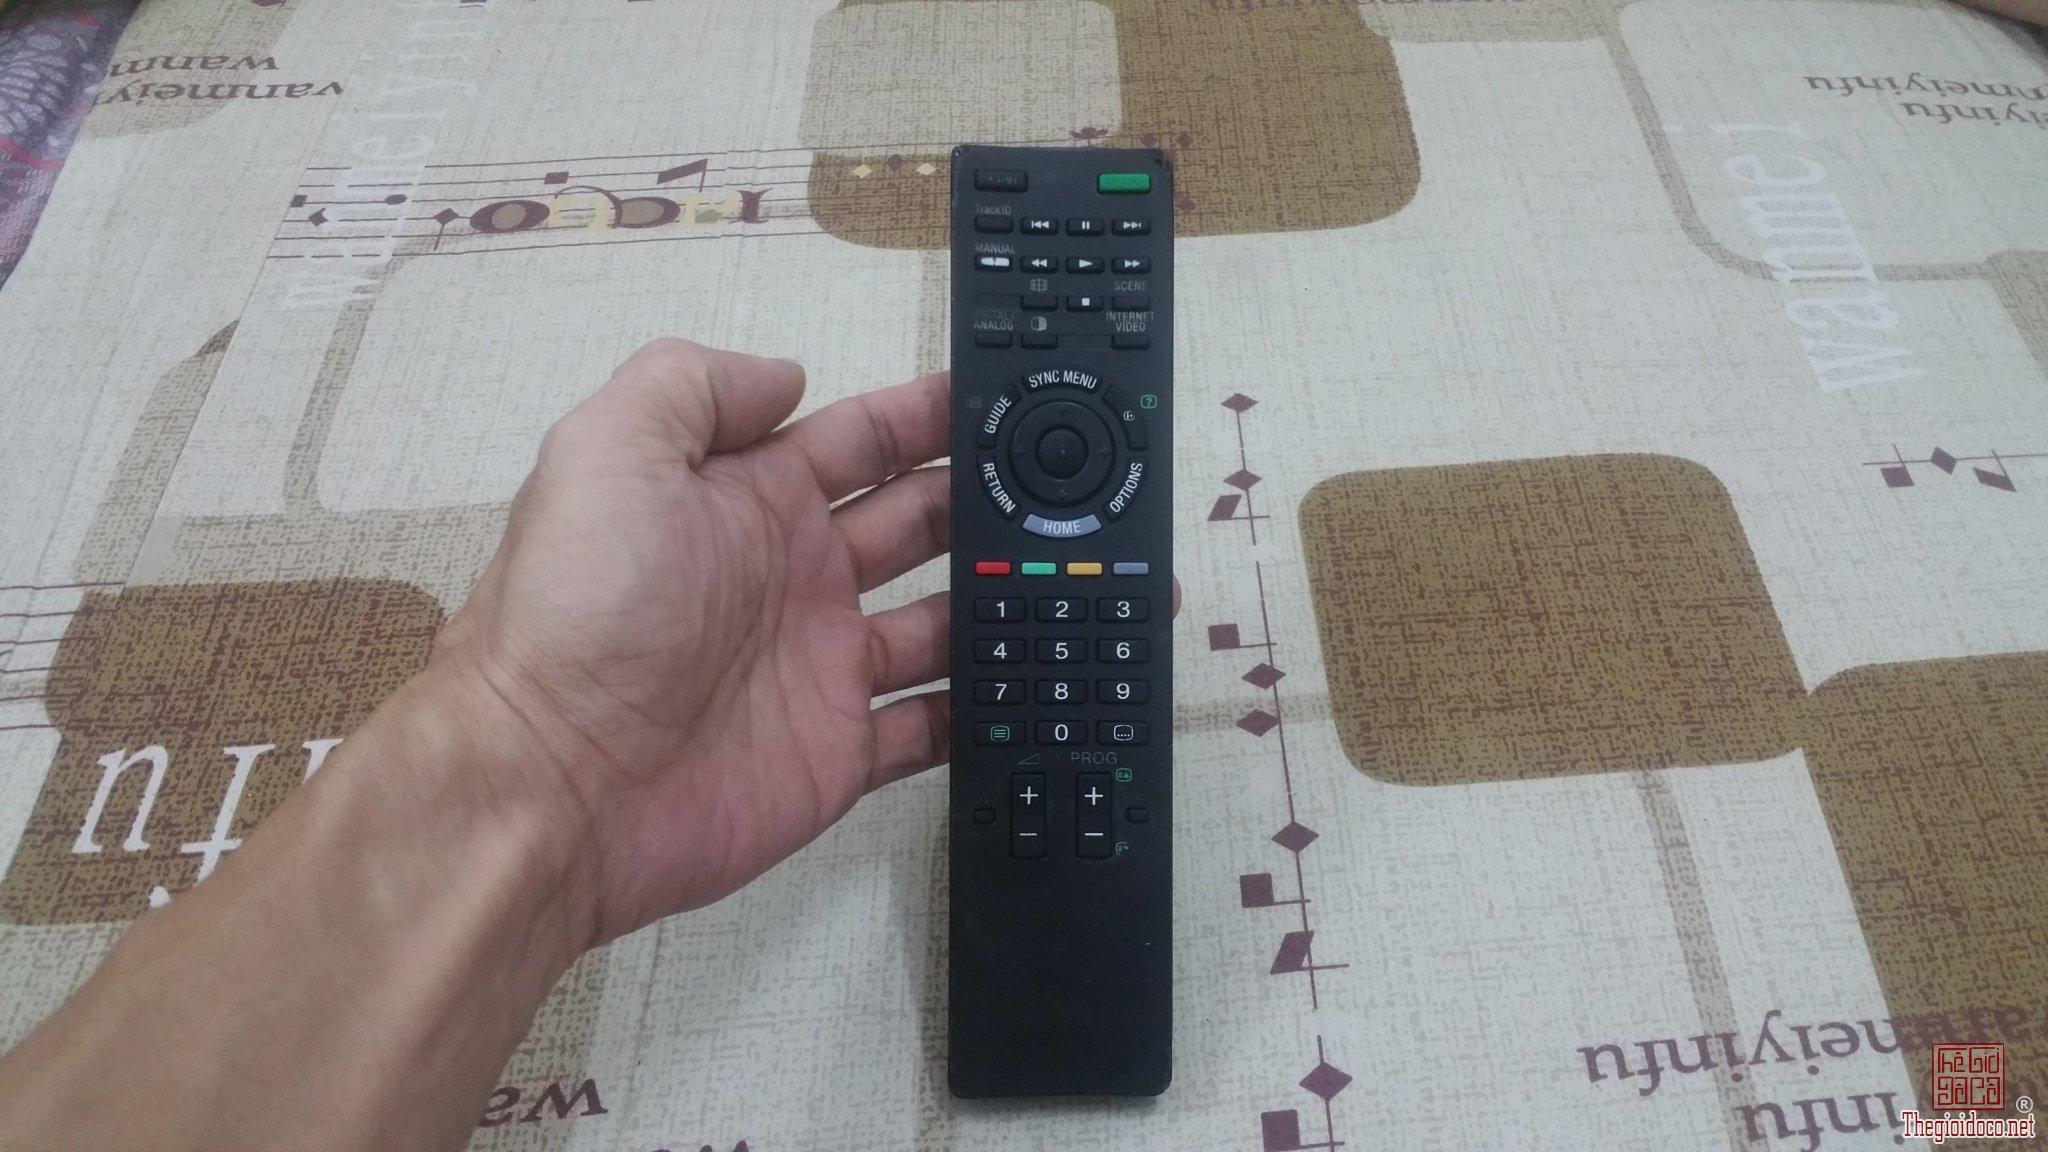 Điều khiển từ xa SONY sử dụng cho Smart Tivi